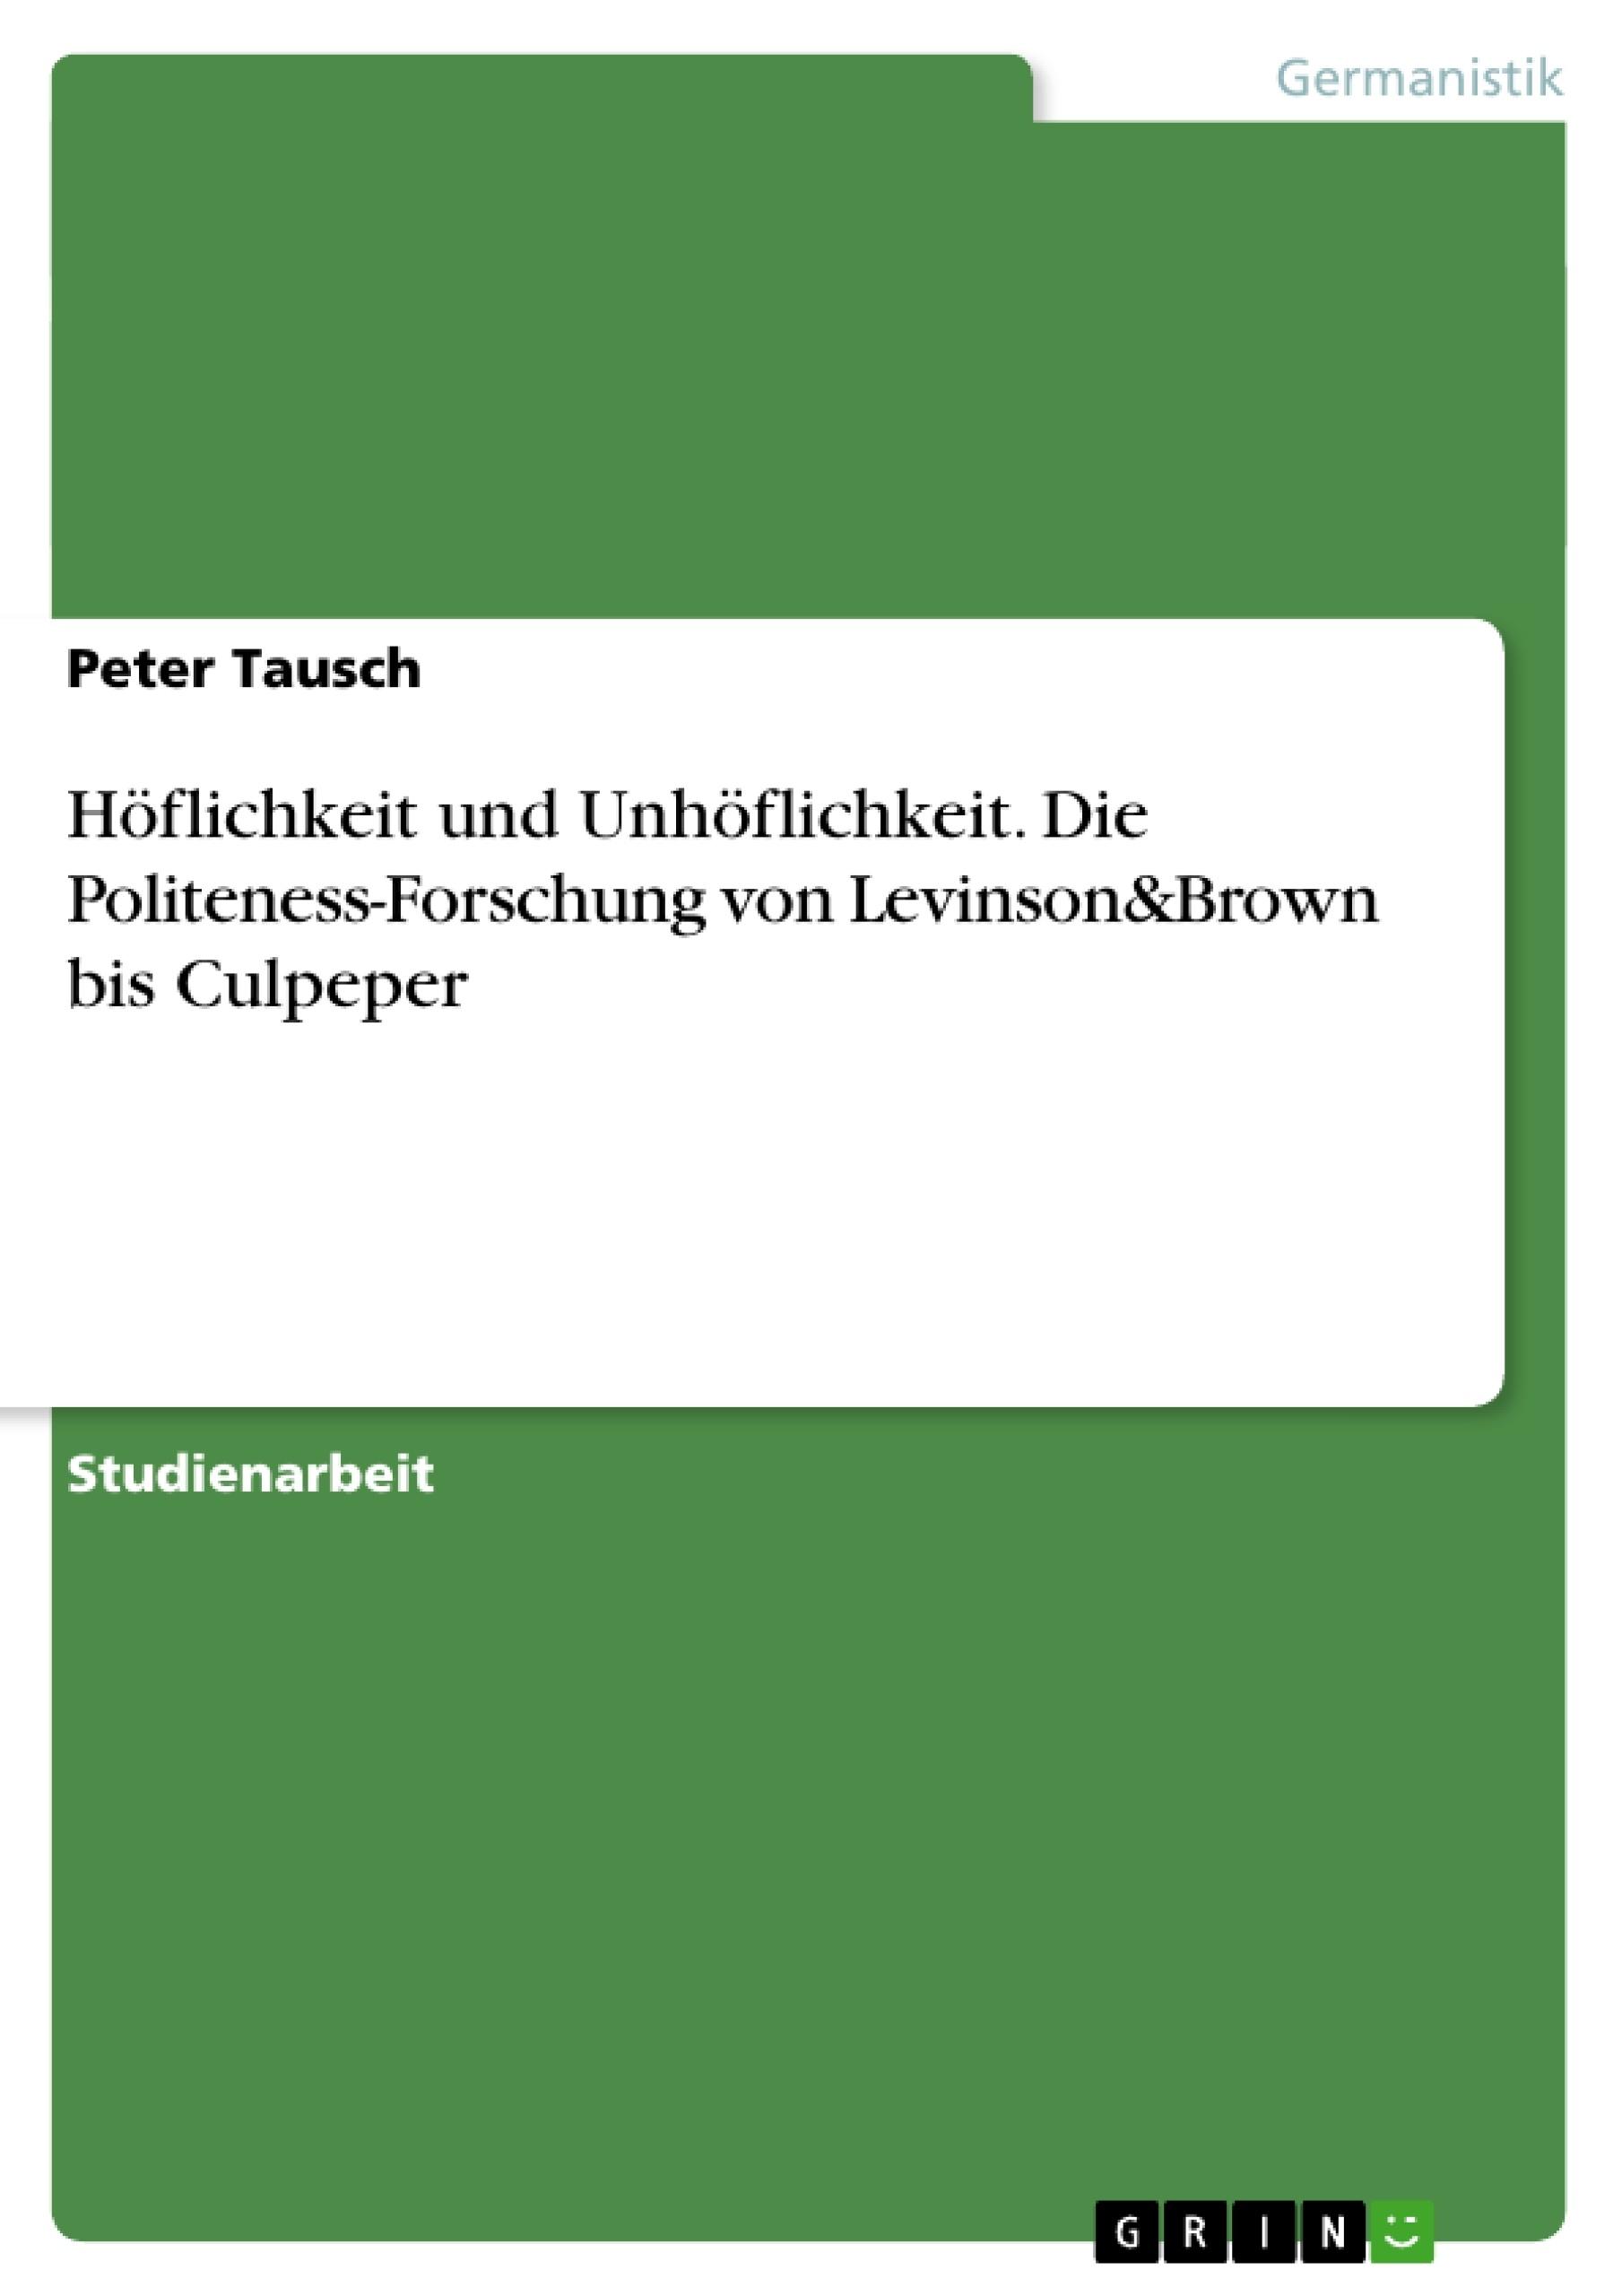 Titel: Höflichkeit und Unhöflichkeit. Die Politeness-Forschung von Levinson&Brown bis Culpeper